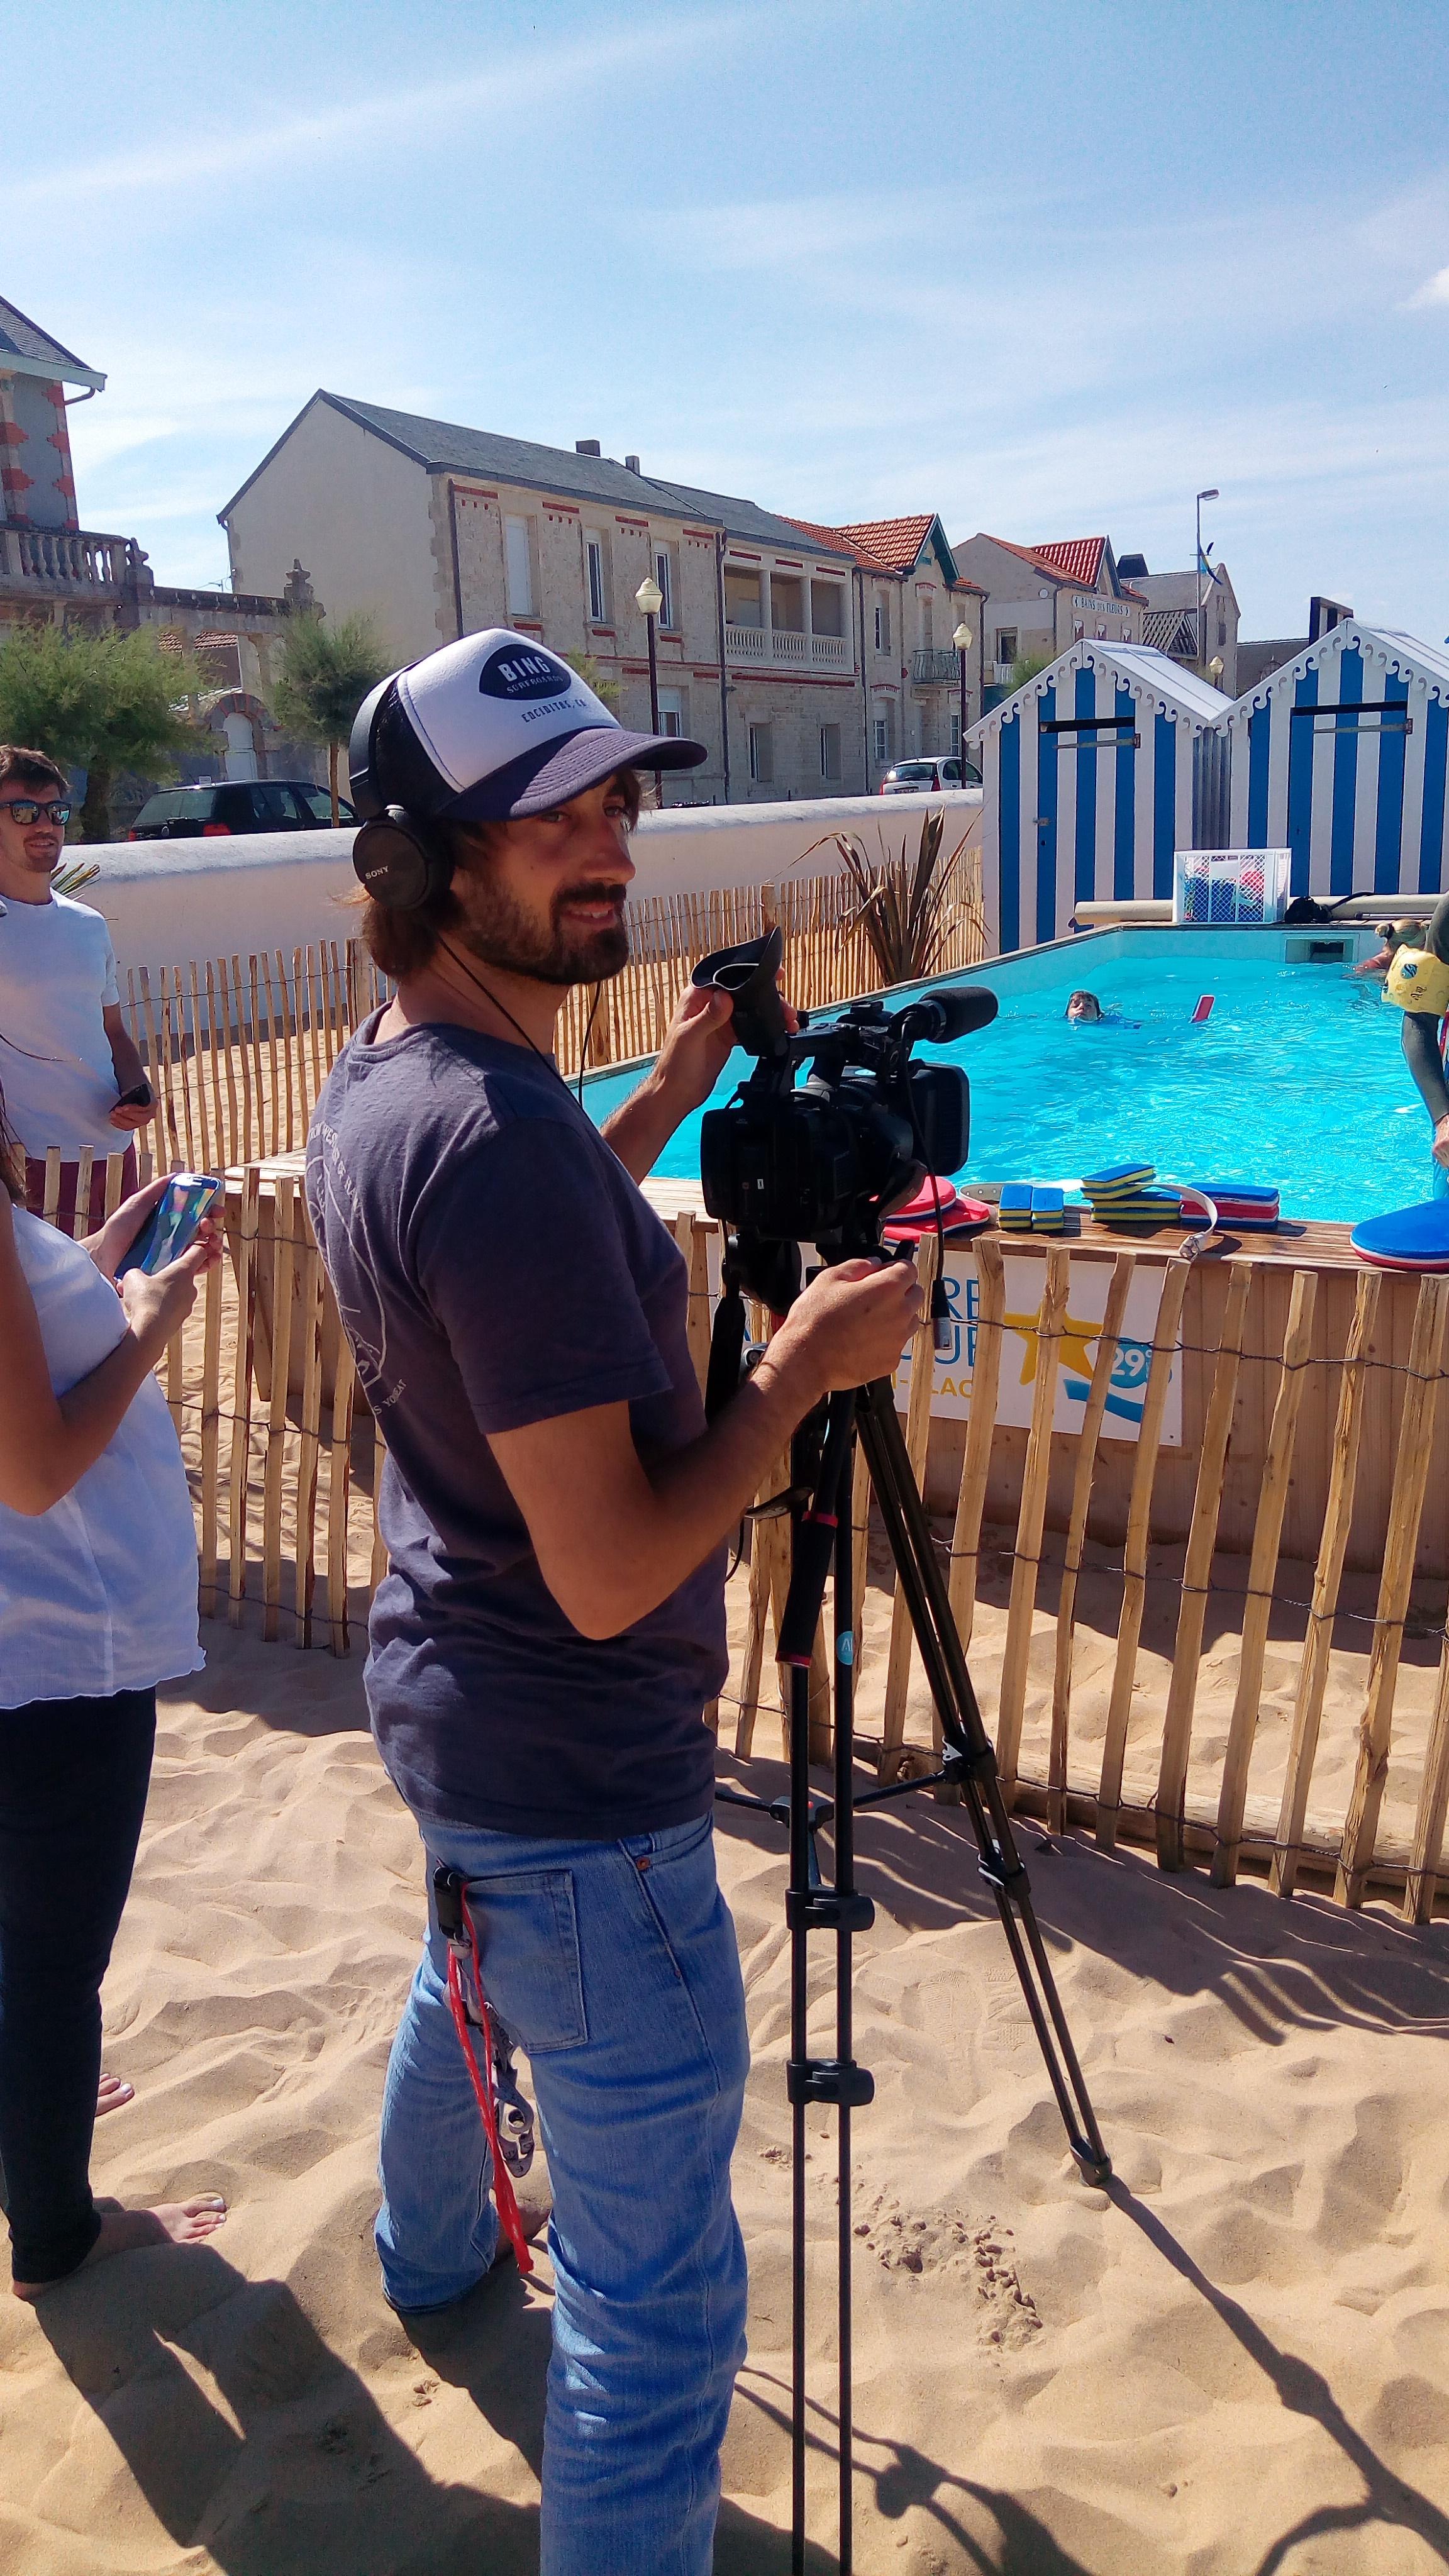 Cameraman Romain